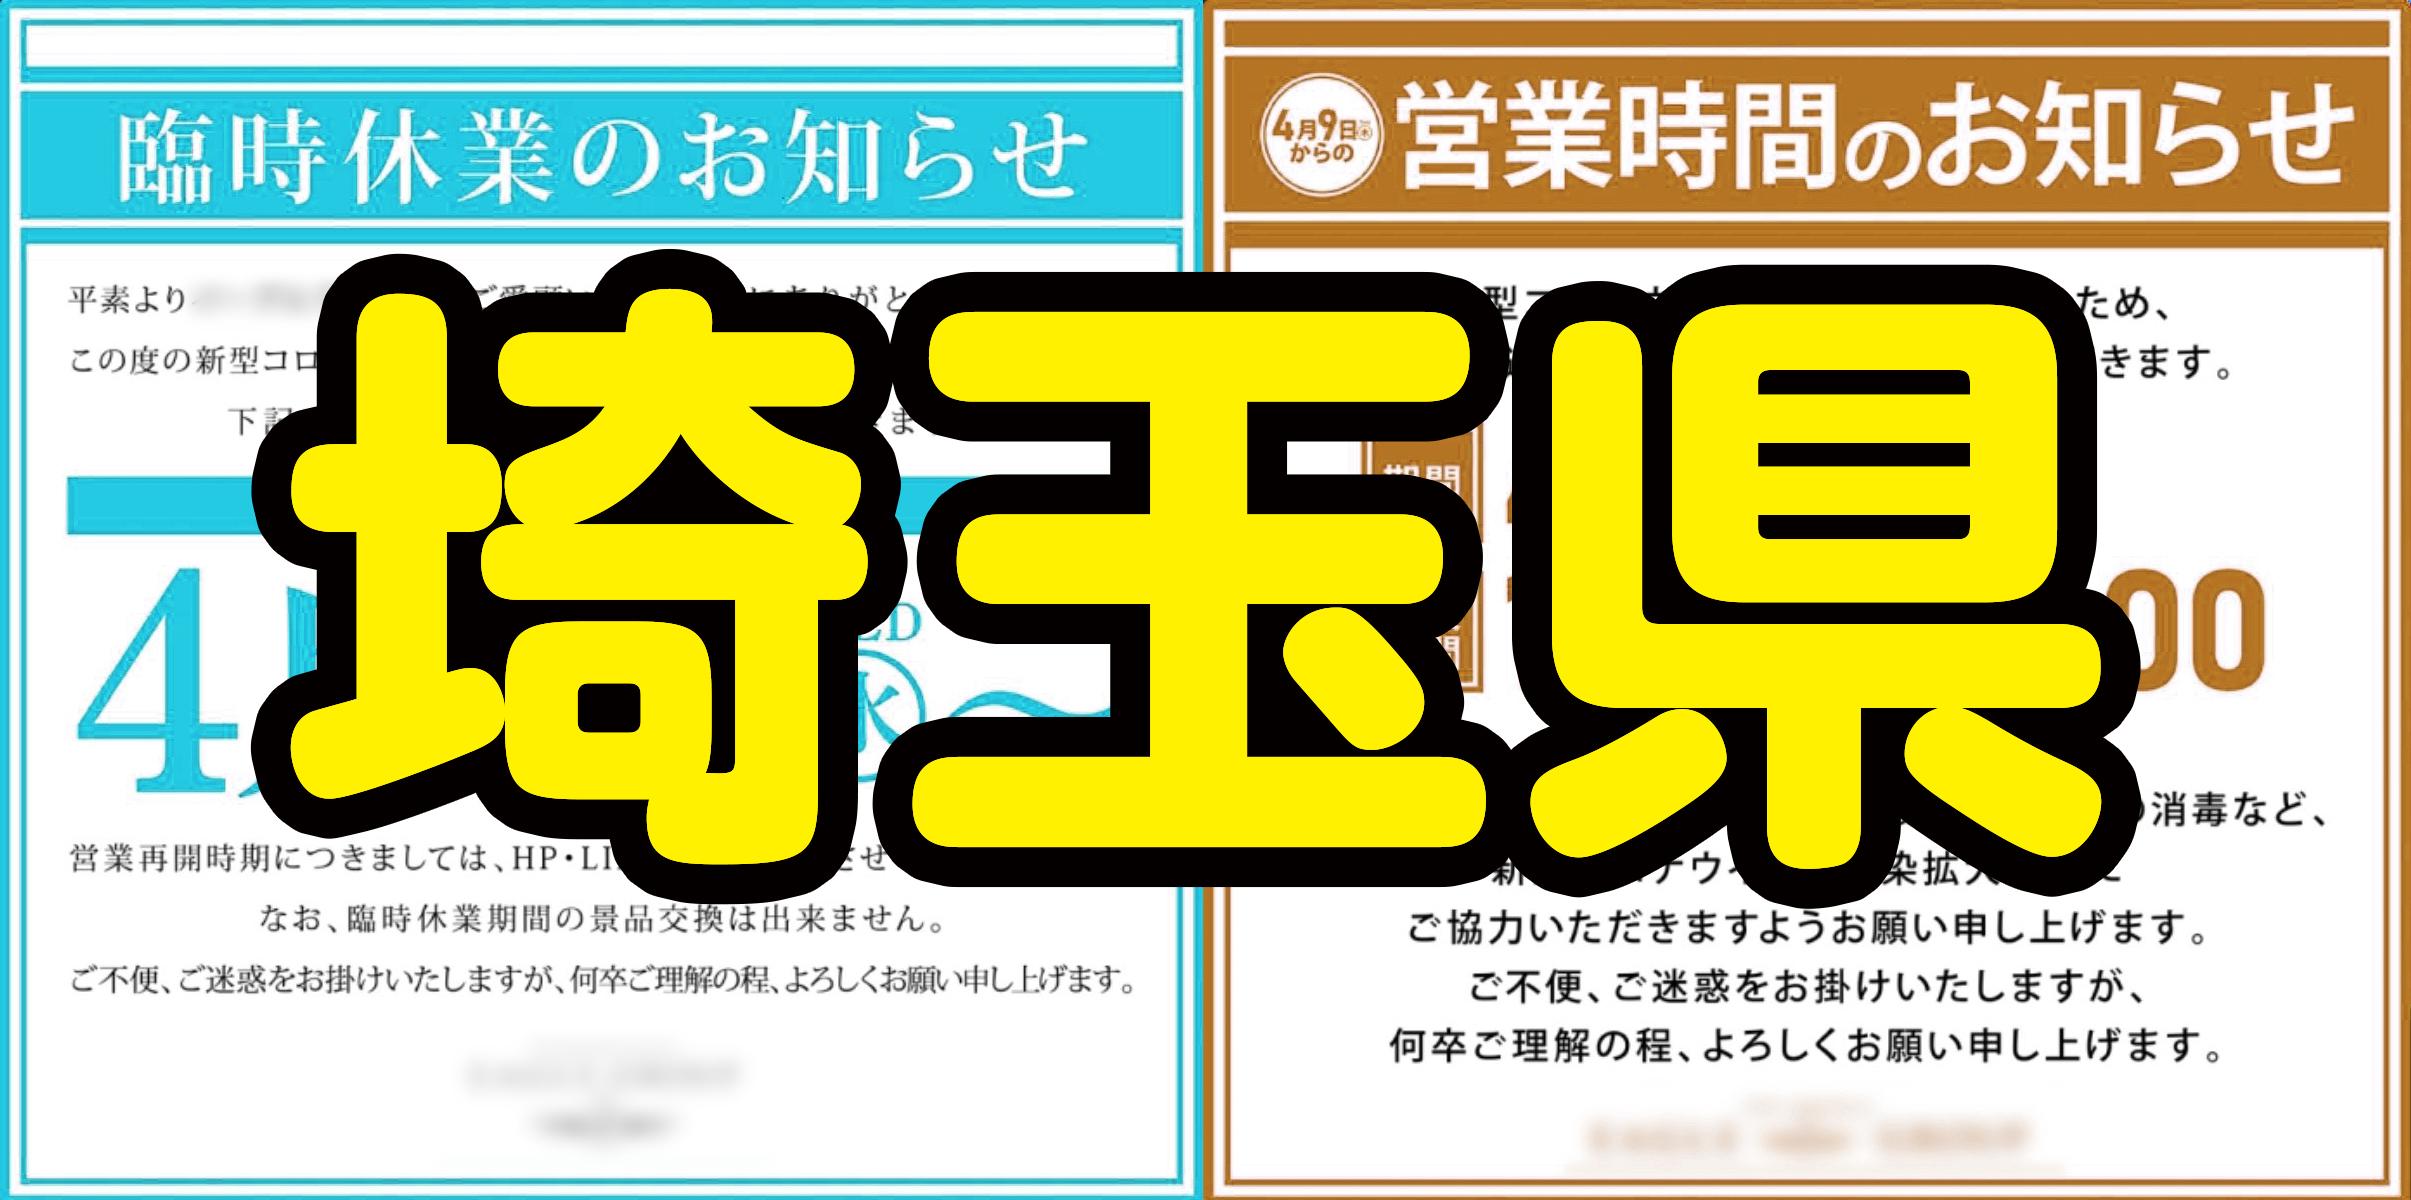 埼玉 県 パチンコ 営業